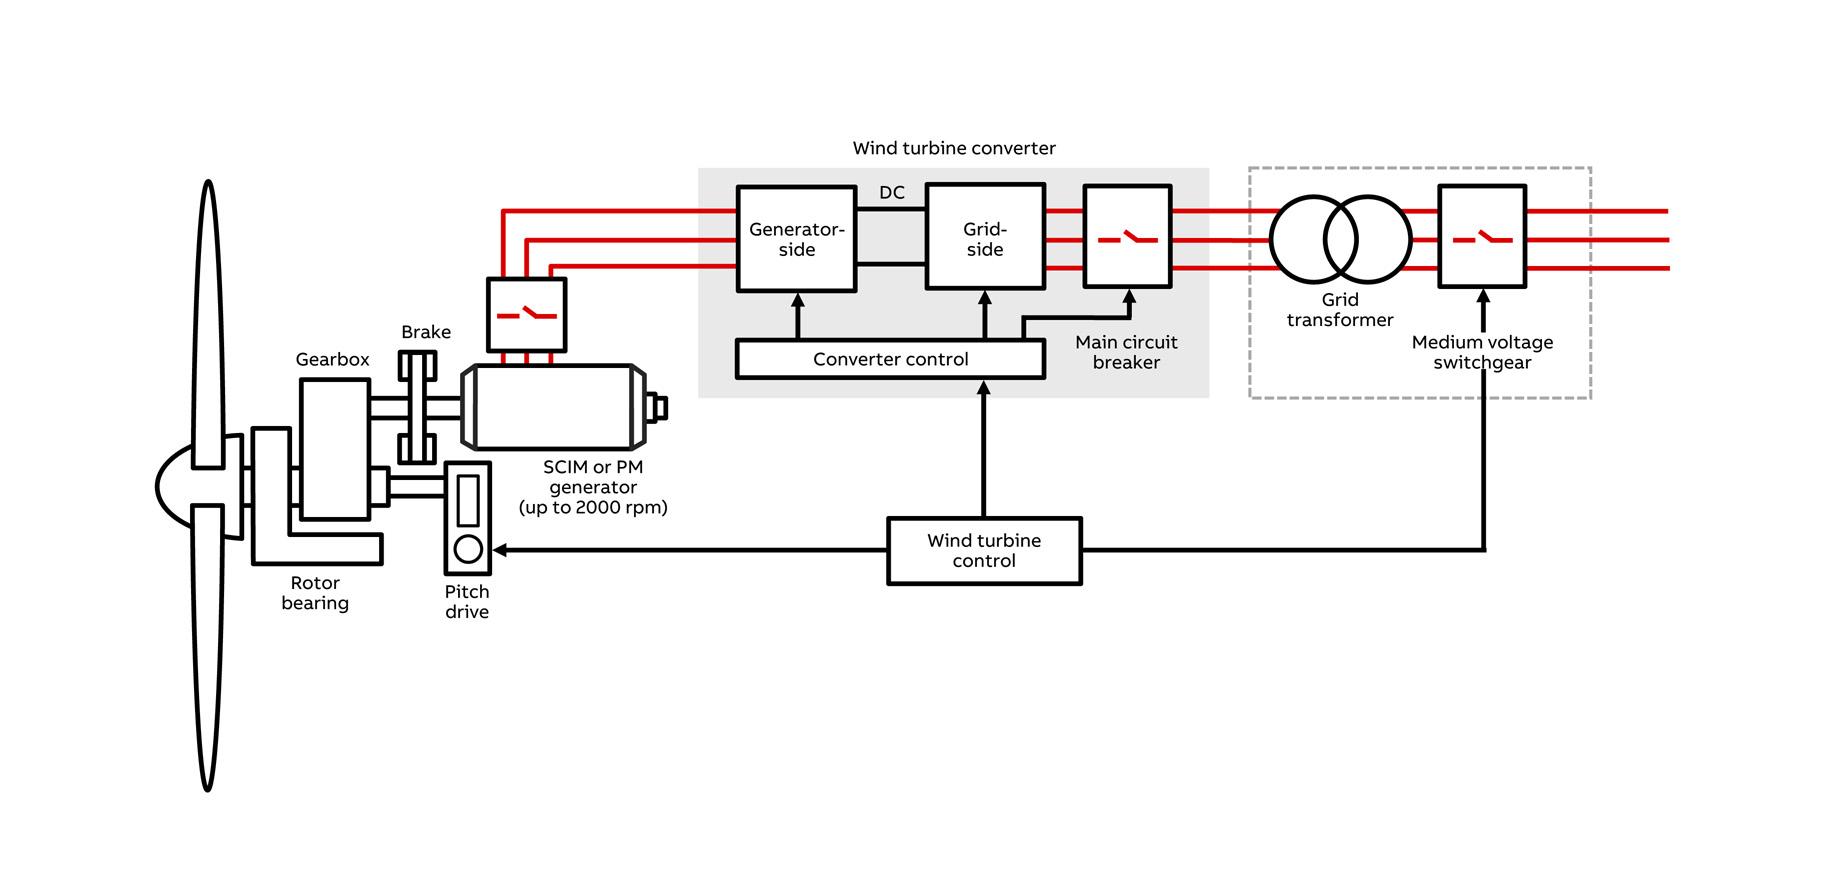 generator diagram pmg generator diagram wiring diagram blog figure 973 ac generator functional block diagram [ 1831 x 886 Pixel ]